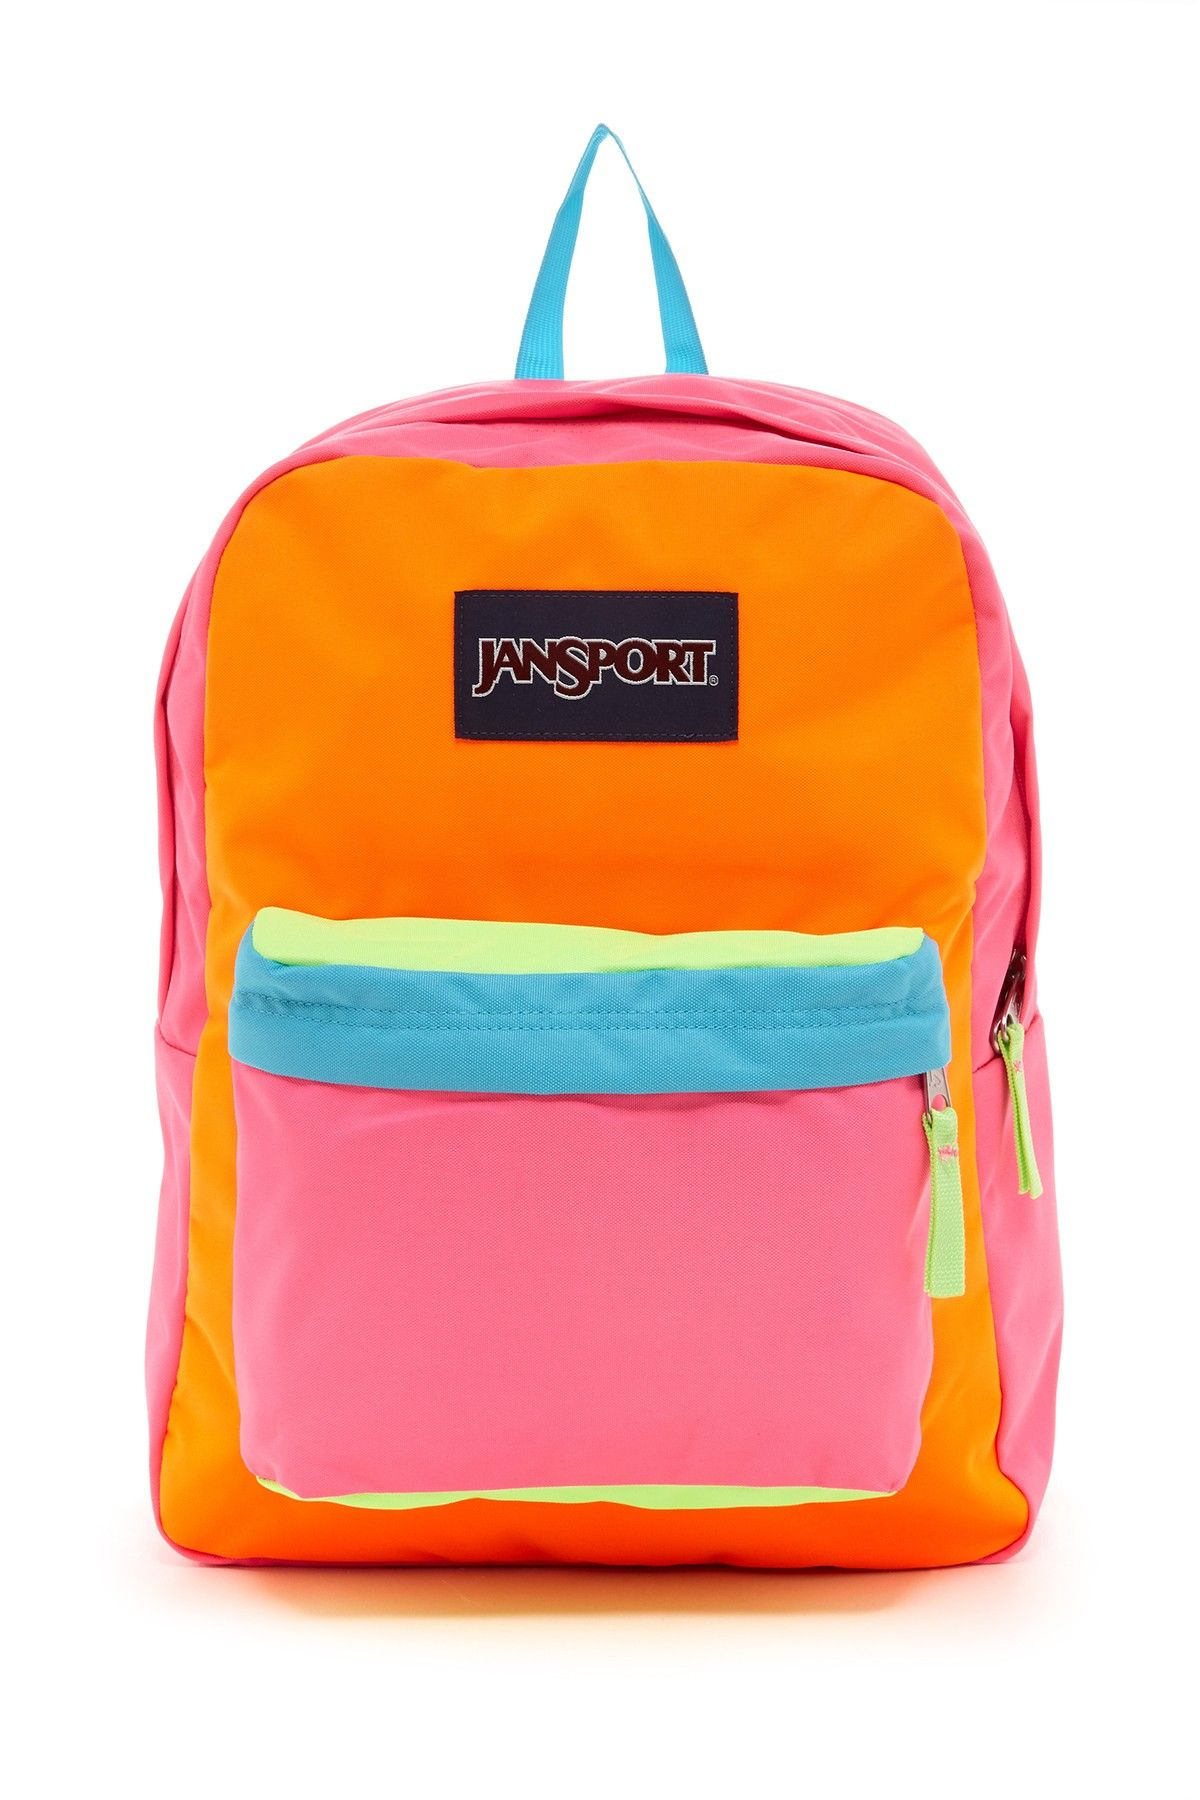 JANSPORT Superbreak Backpack Nordstrom Rack Jansport